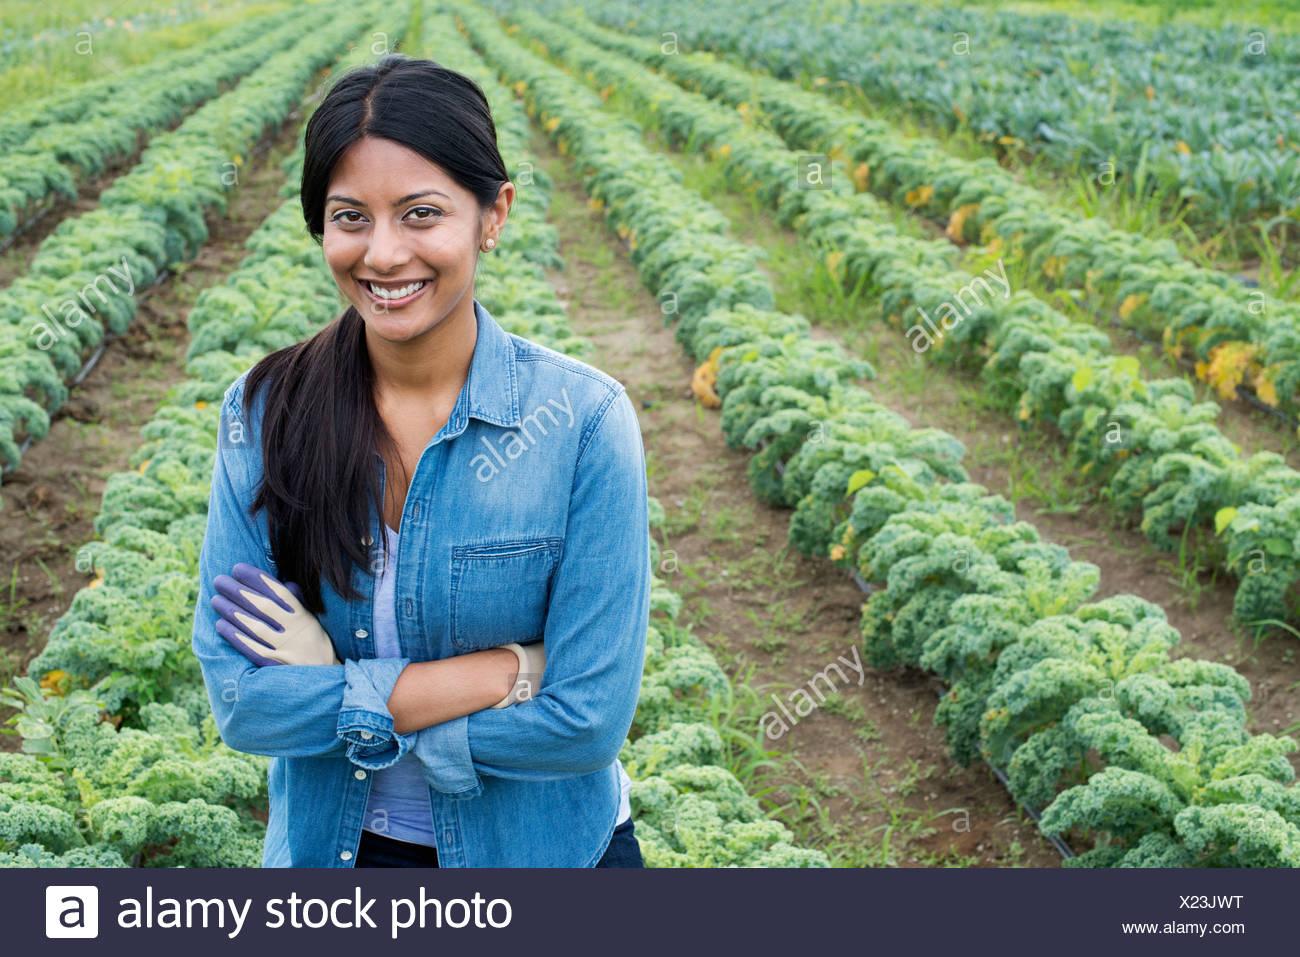 Righe di parentesi verdi piante vegetali che crescono su di una azienda agricola biologica. Un uomo di ispezione di Raccolto. Immagini Stock